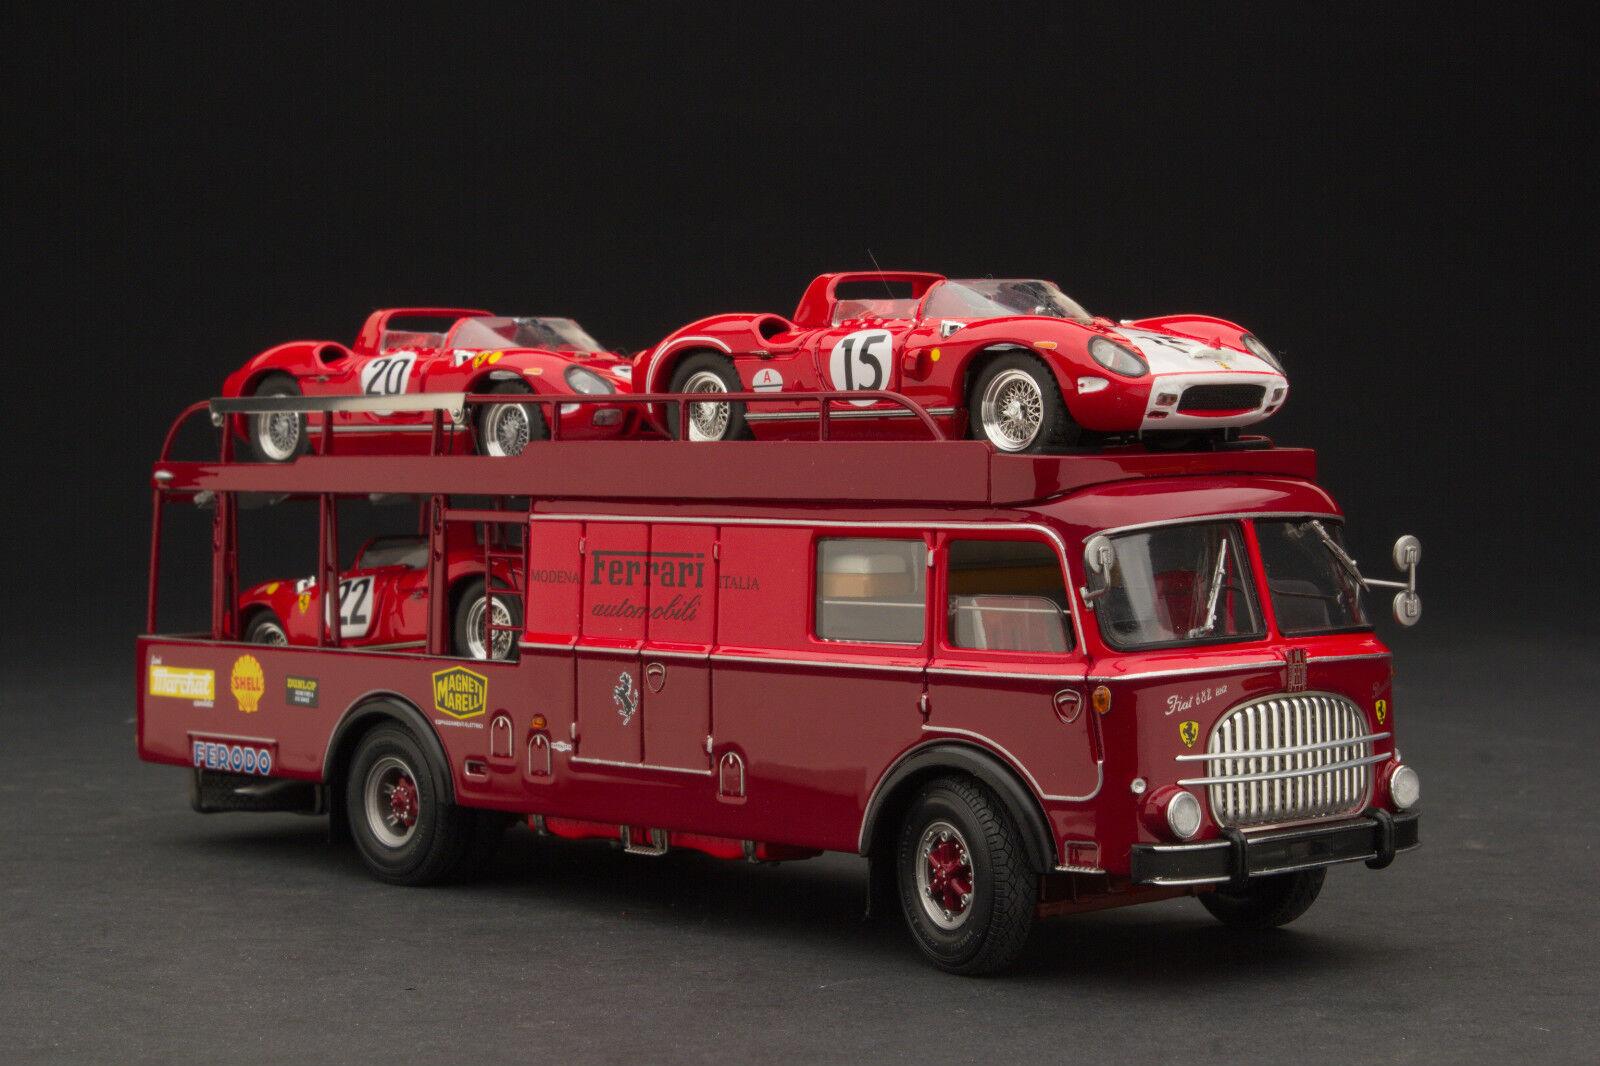 Exoto 43 1964 Bartoletti 682 Scuderia Ferrari Transporter Exo00034gs2